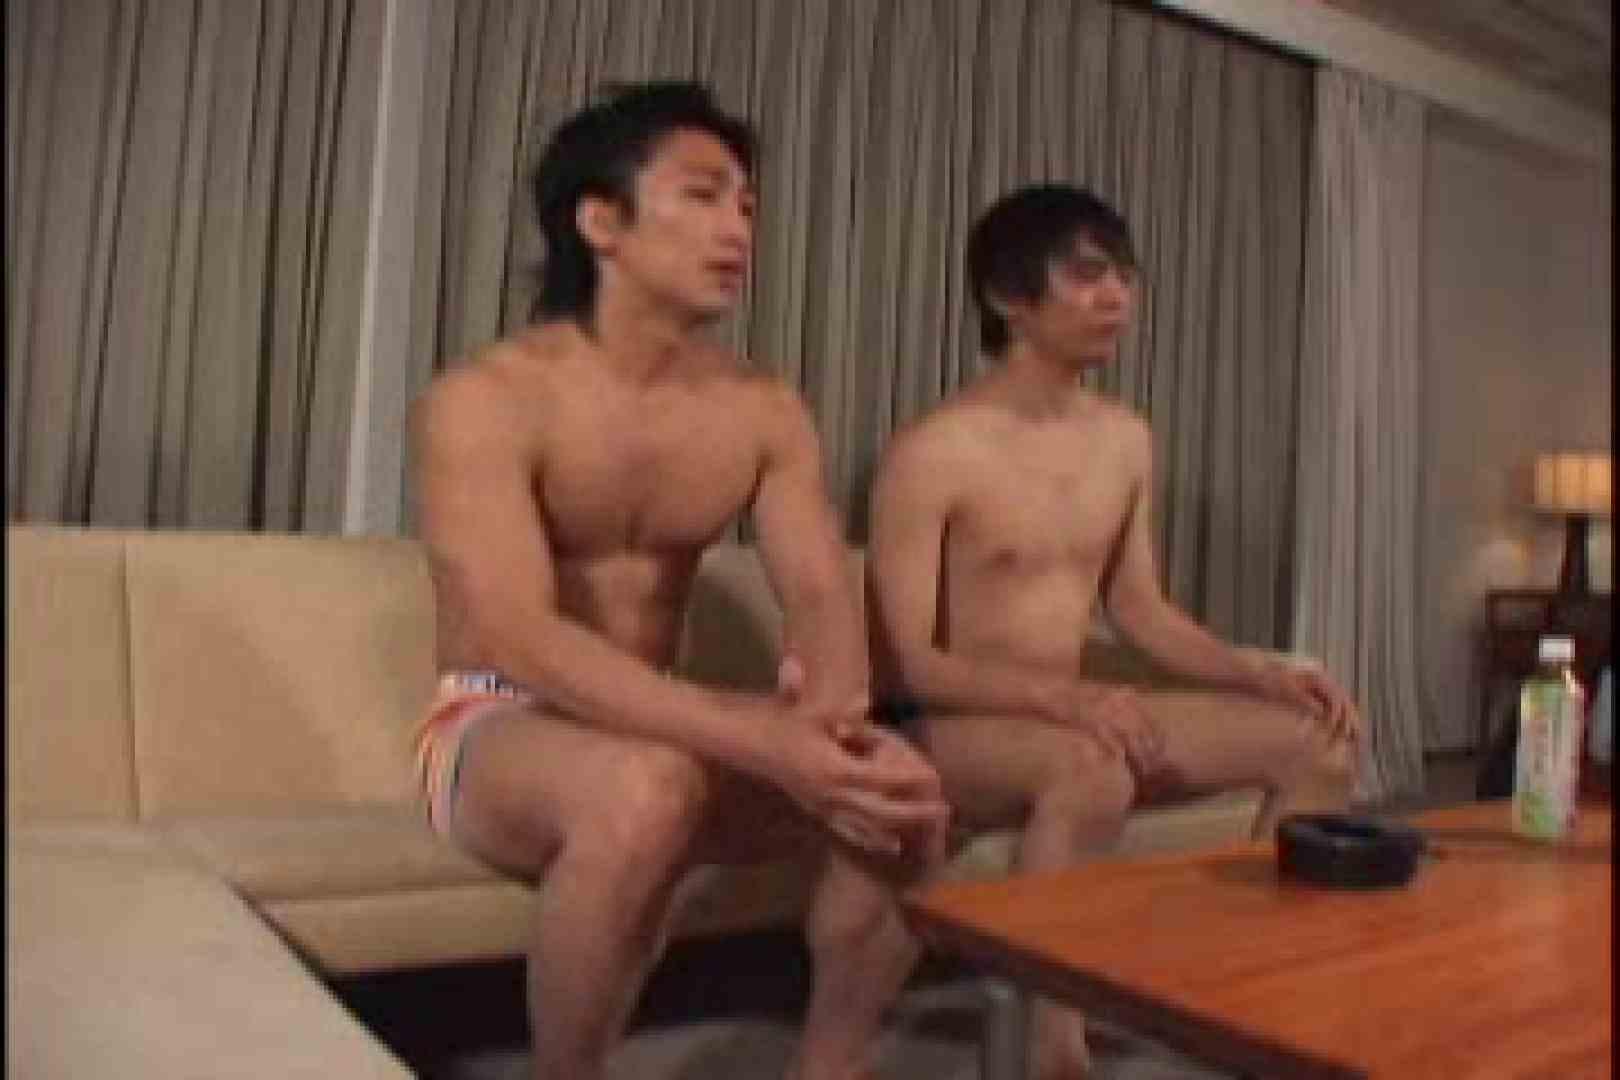 BEST OF イケメン!!男目線のガチSEX vol.04(対女性作品) 男  100pic 41